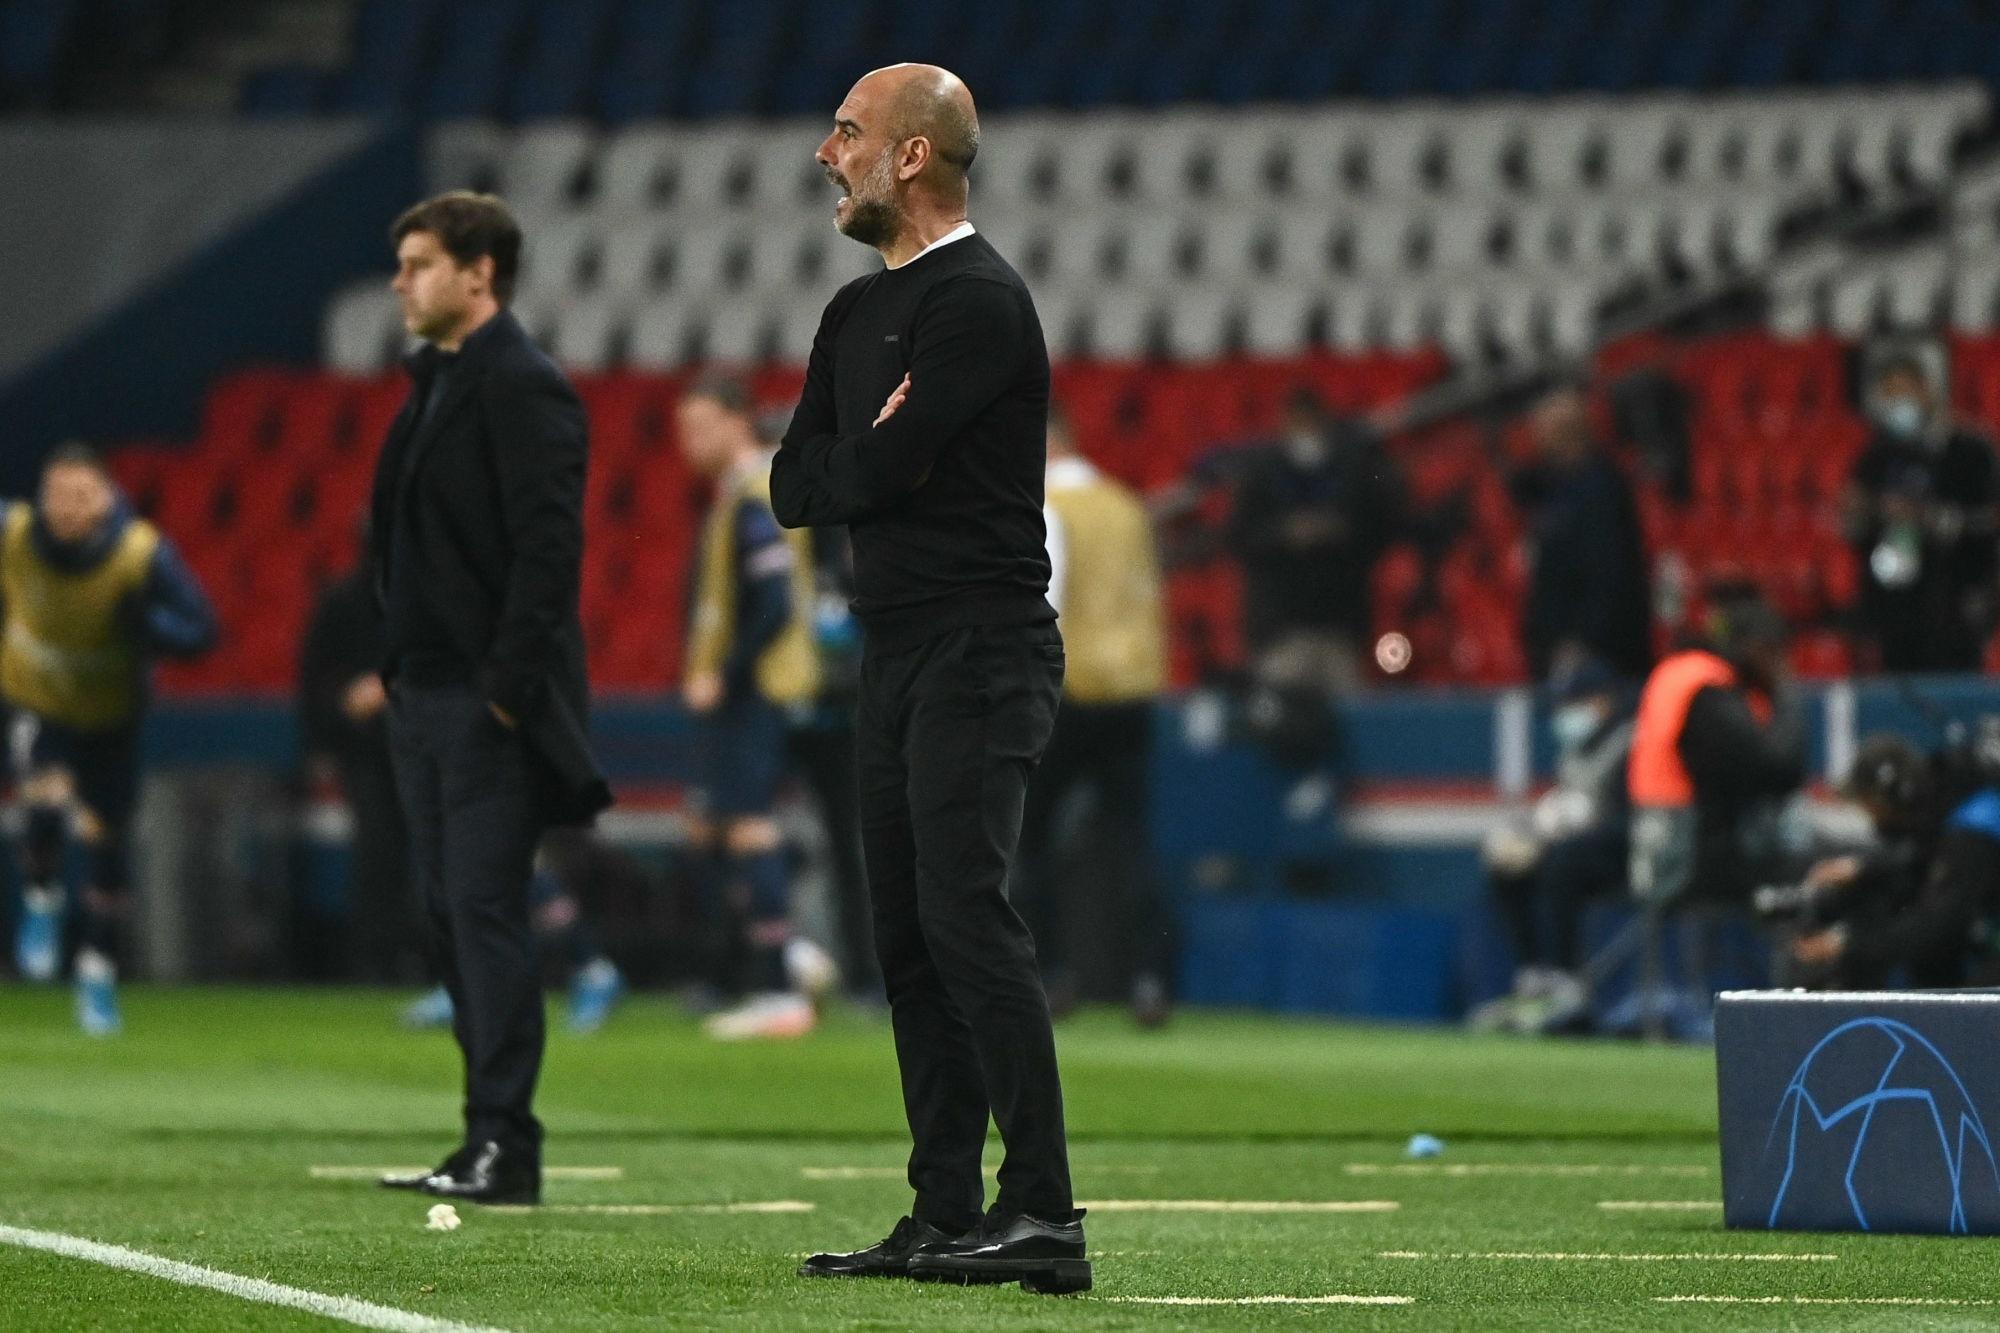 """PSG/City - Guardiola est """"très satisfait"""", mais sait que le retour sera """"difficile"""""""